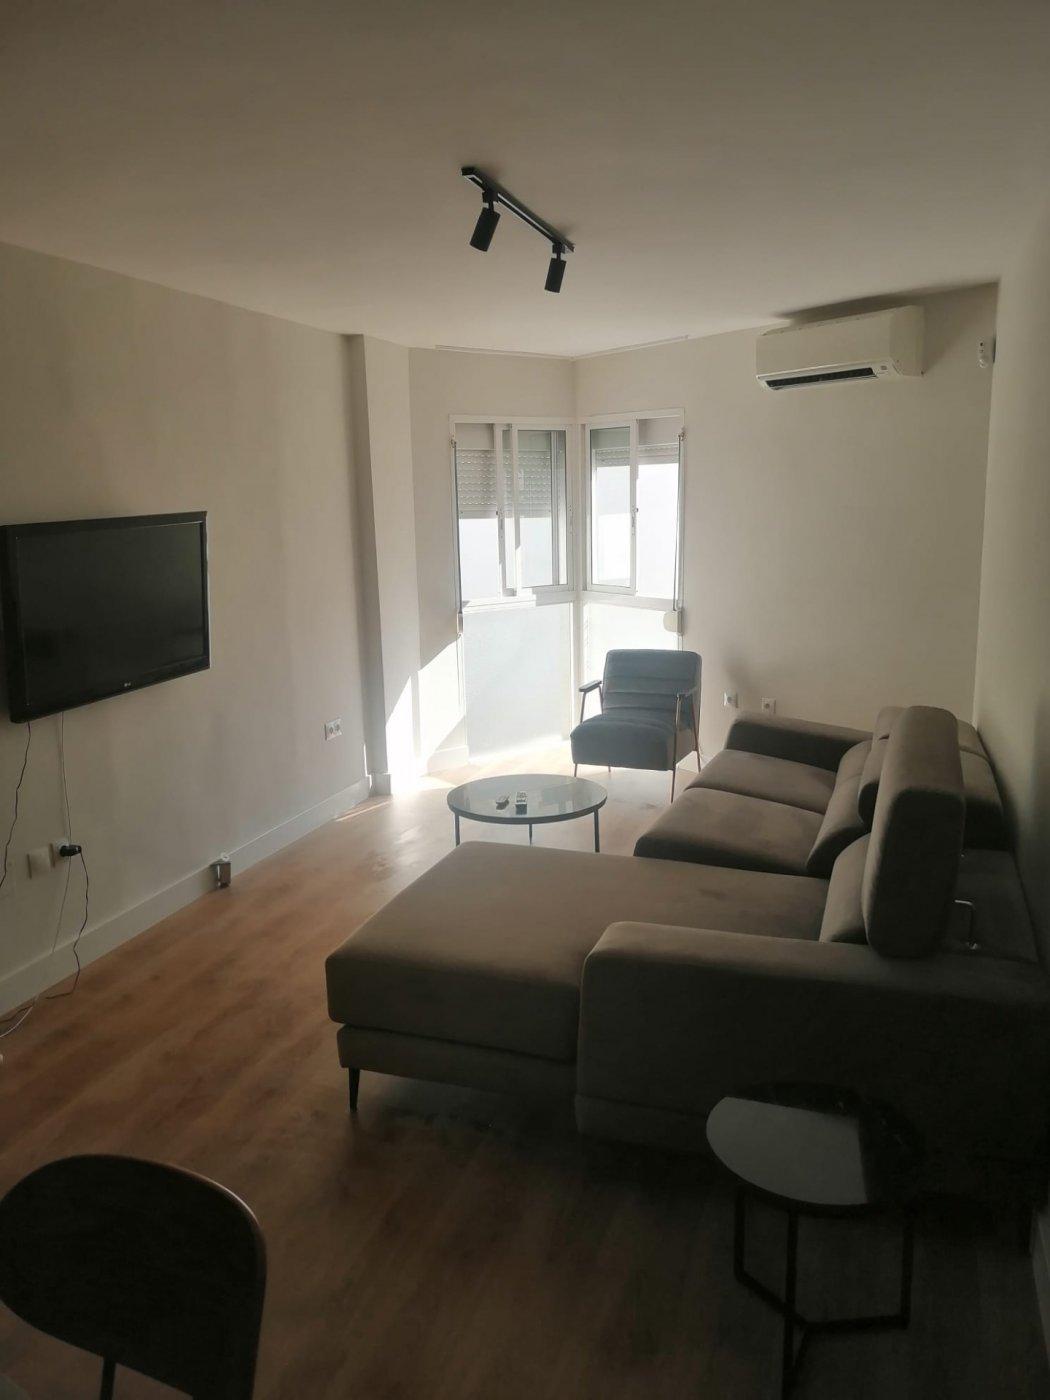 Apartamento 2 dormitorios en la cariihuela - imagenInmueble0